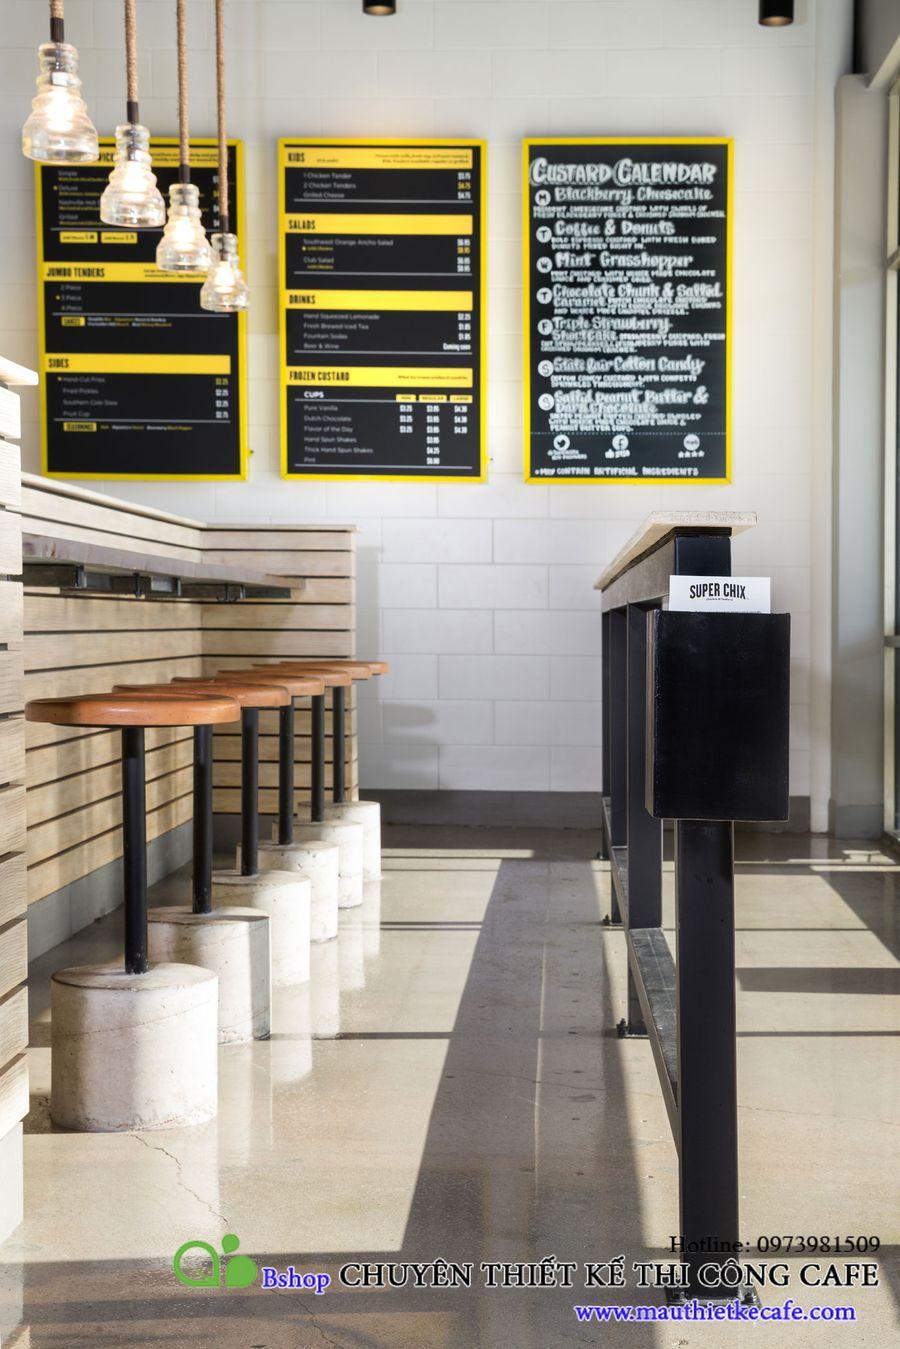 cafe ca tinh fngredients (1)mauthietkecafe.com